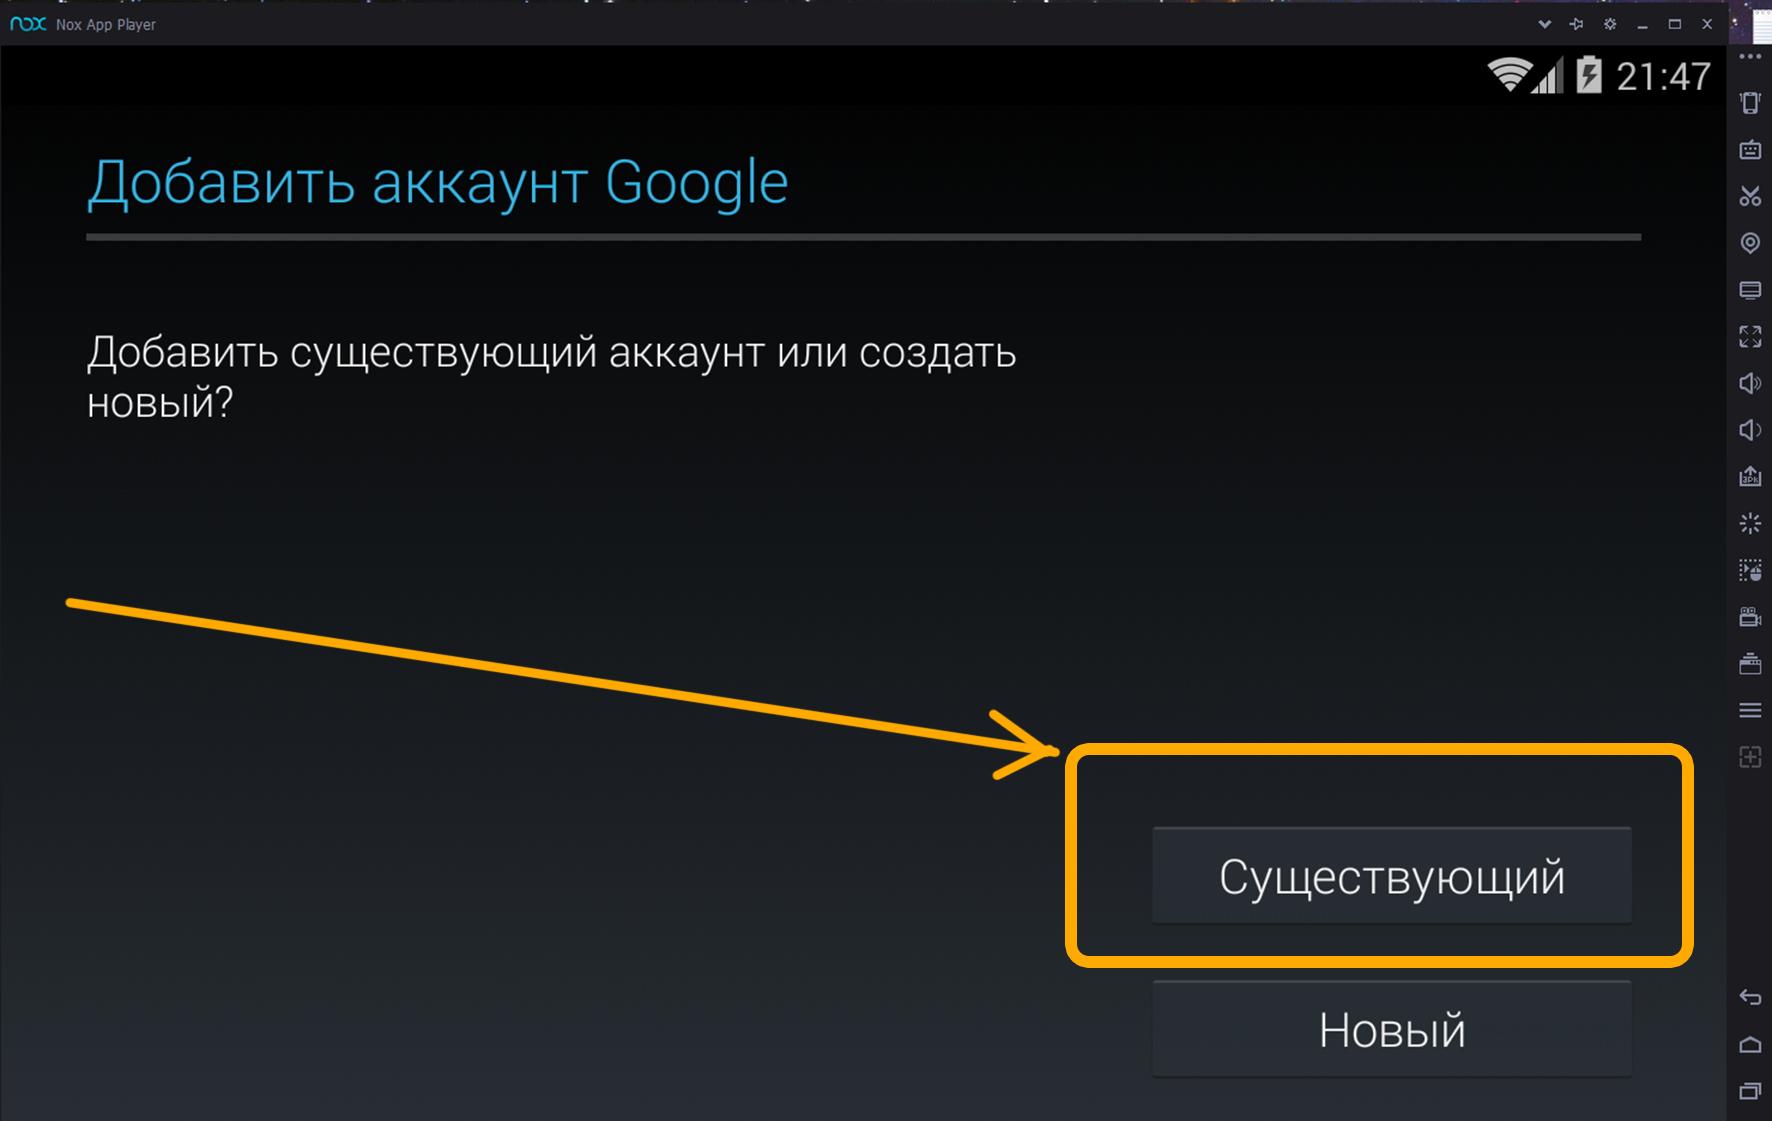 Пояснение для пользователя в окне андроид эмулятора Нокс при выборе аккаунта